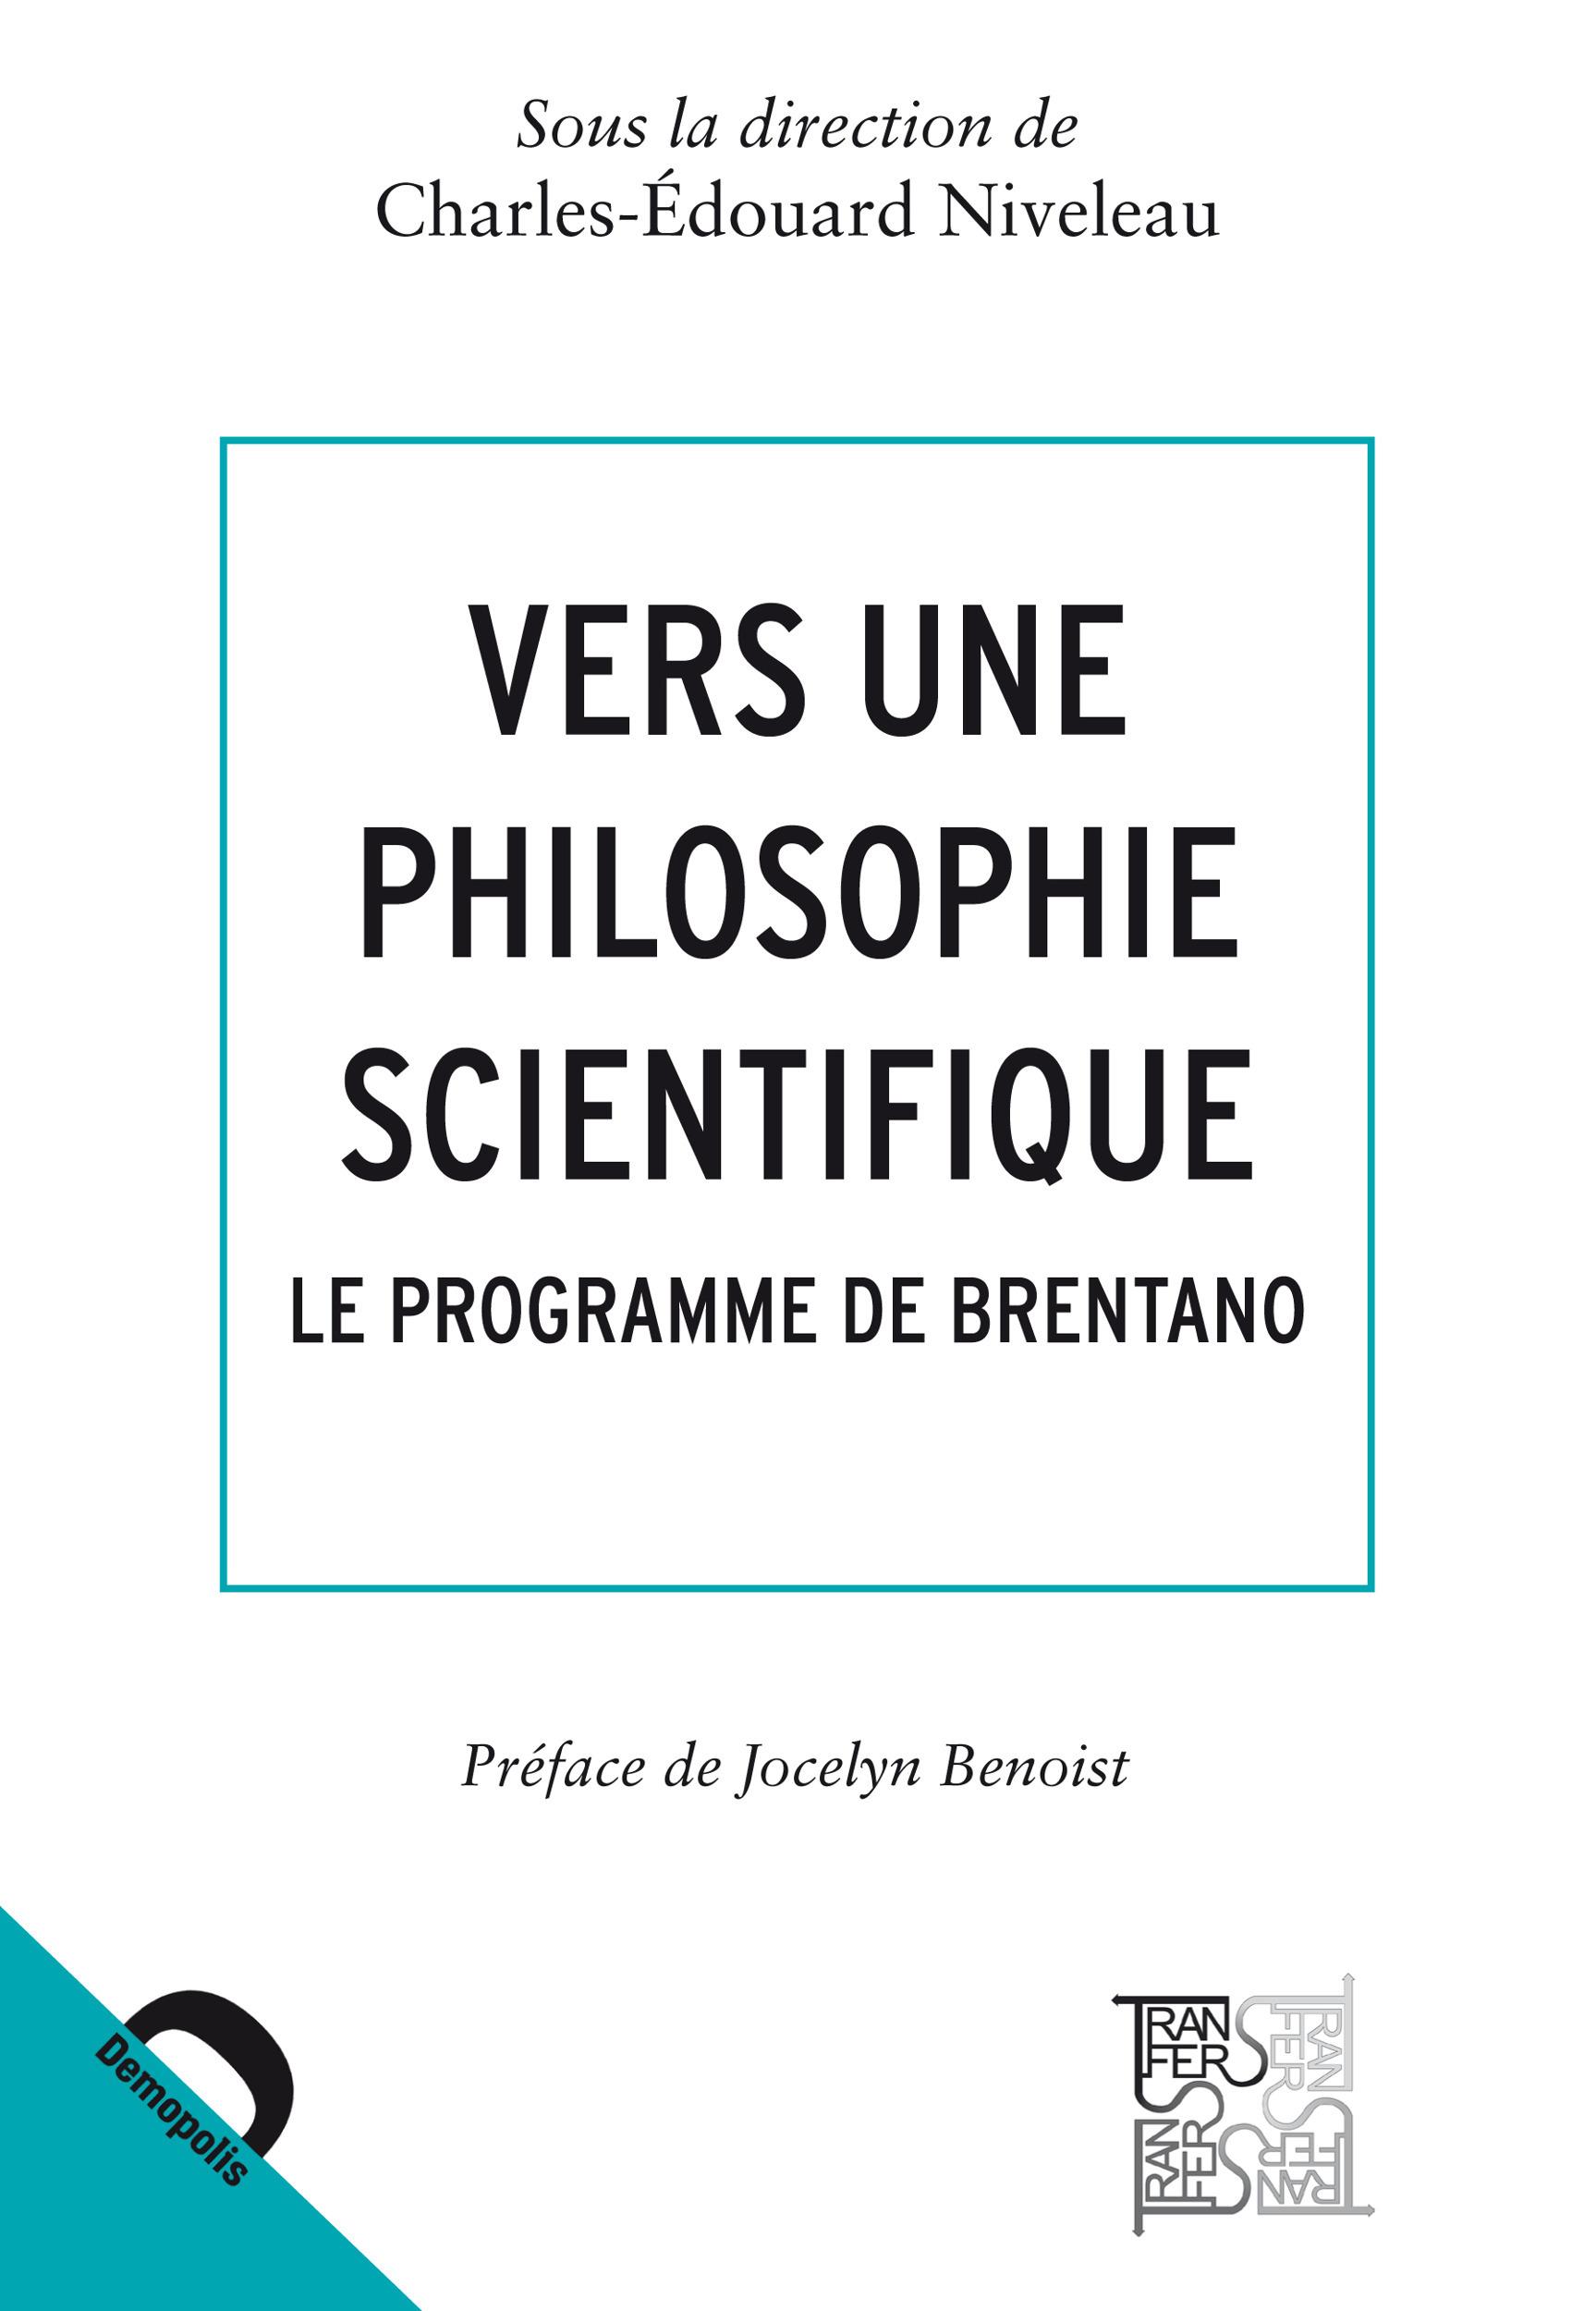 Vers une philosophie scientifique